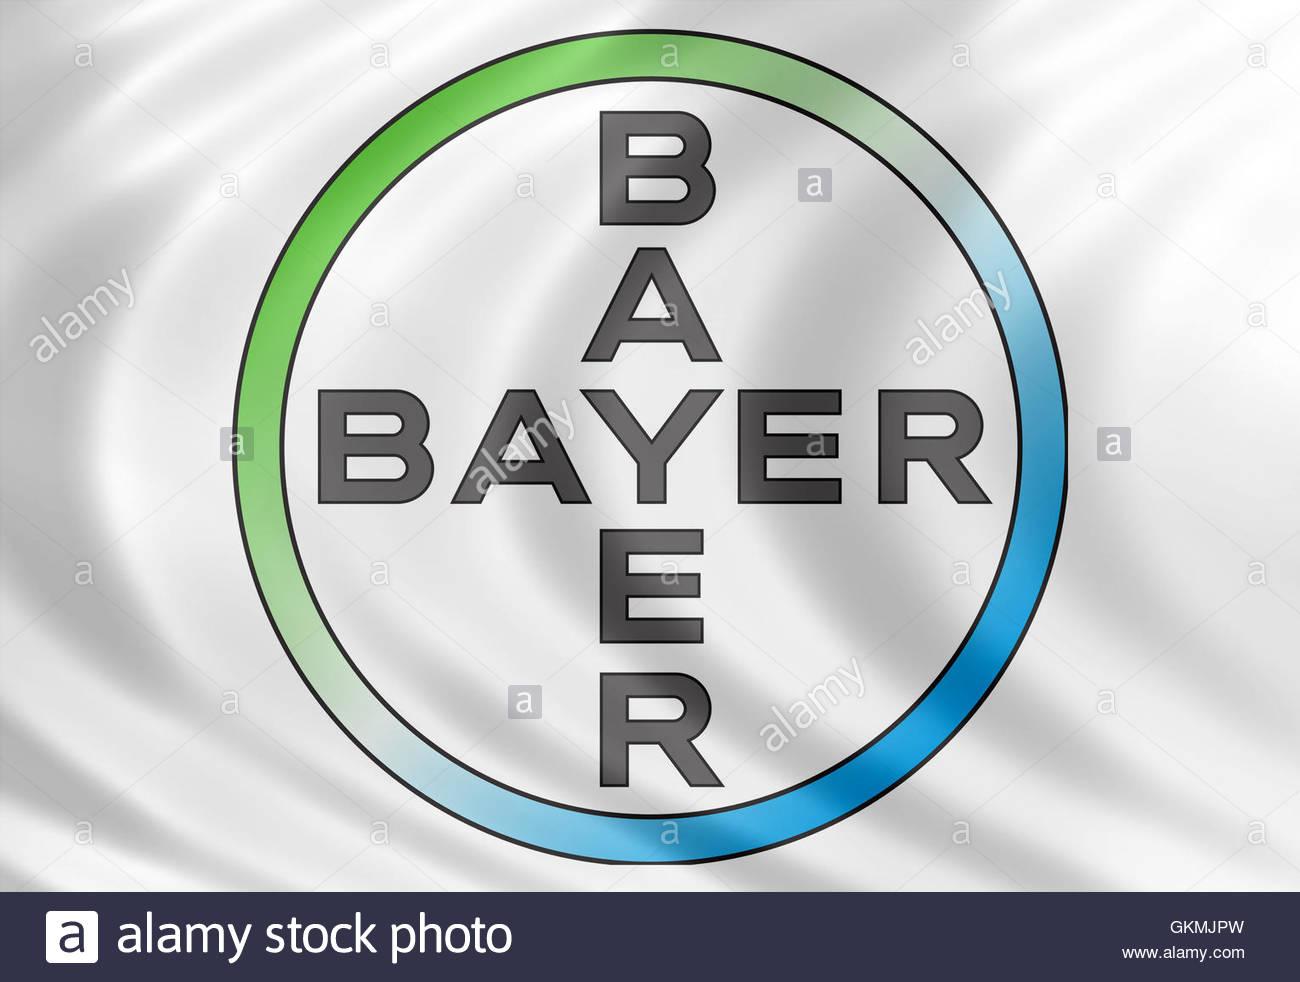 Bayer Logo Bayer Logo Stock Photos Bayer Logo Bayer Logo Stock